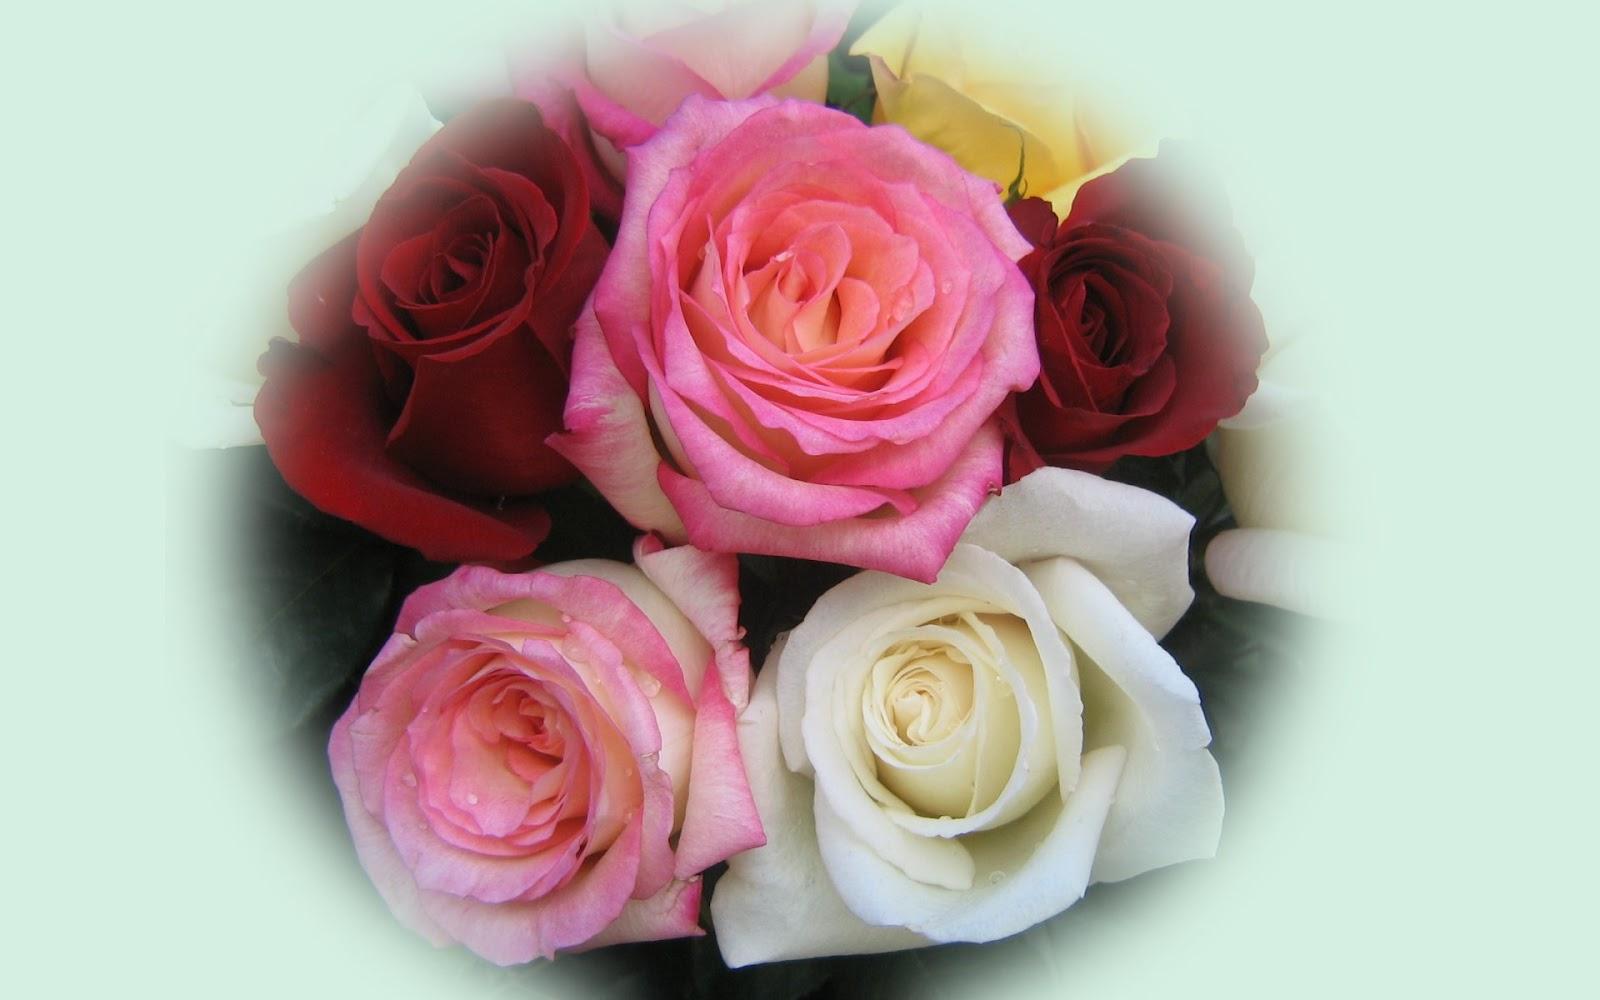 http://3.bp.blogspot.com/-8C887niKpmw/T6Fbp9w7uUI/AAAAAAAAAIE/hm-t9zd8Jiw/s1600/Full-HD-Roses-Bouquet-Wallpaper-Background.jpg